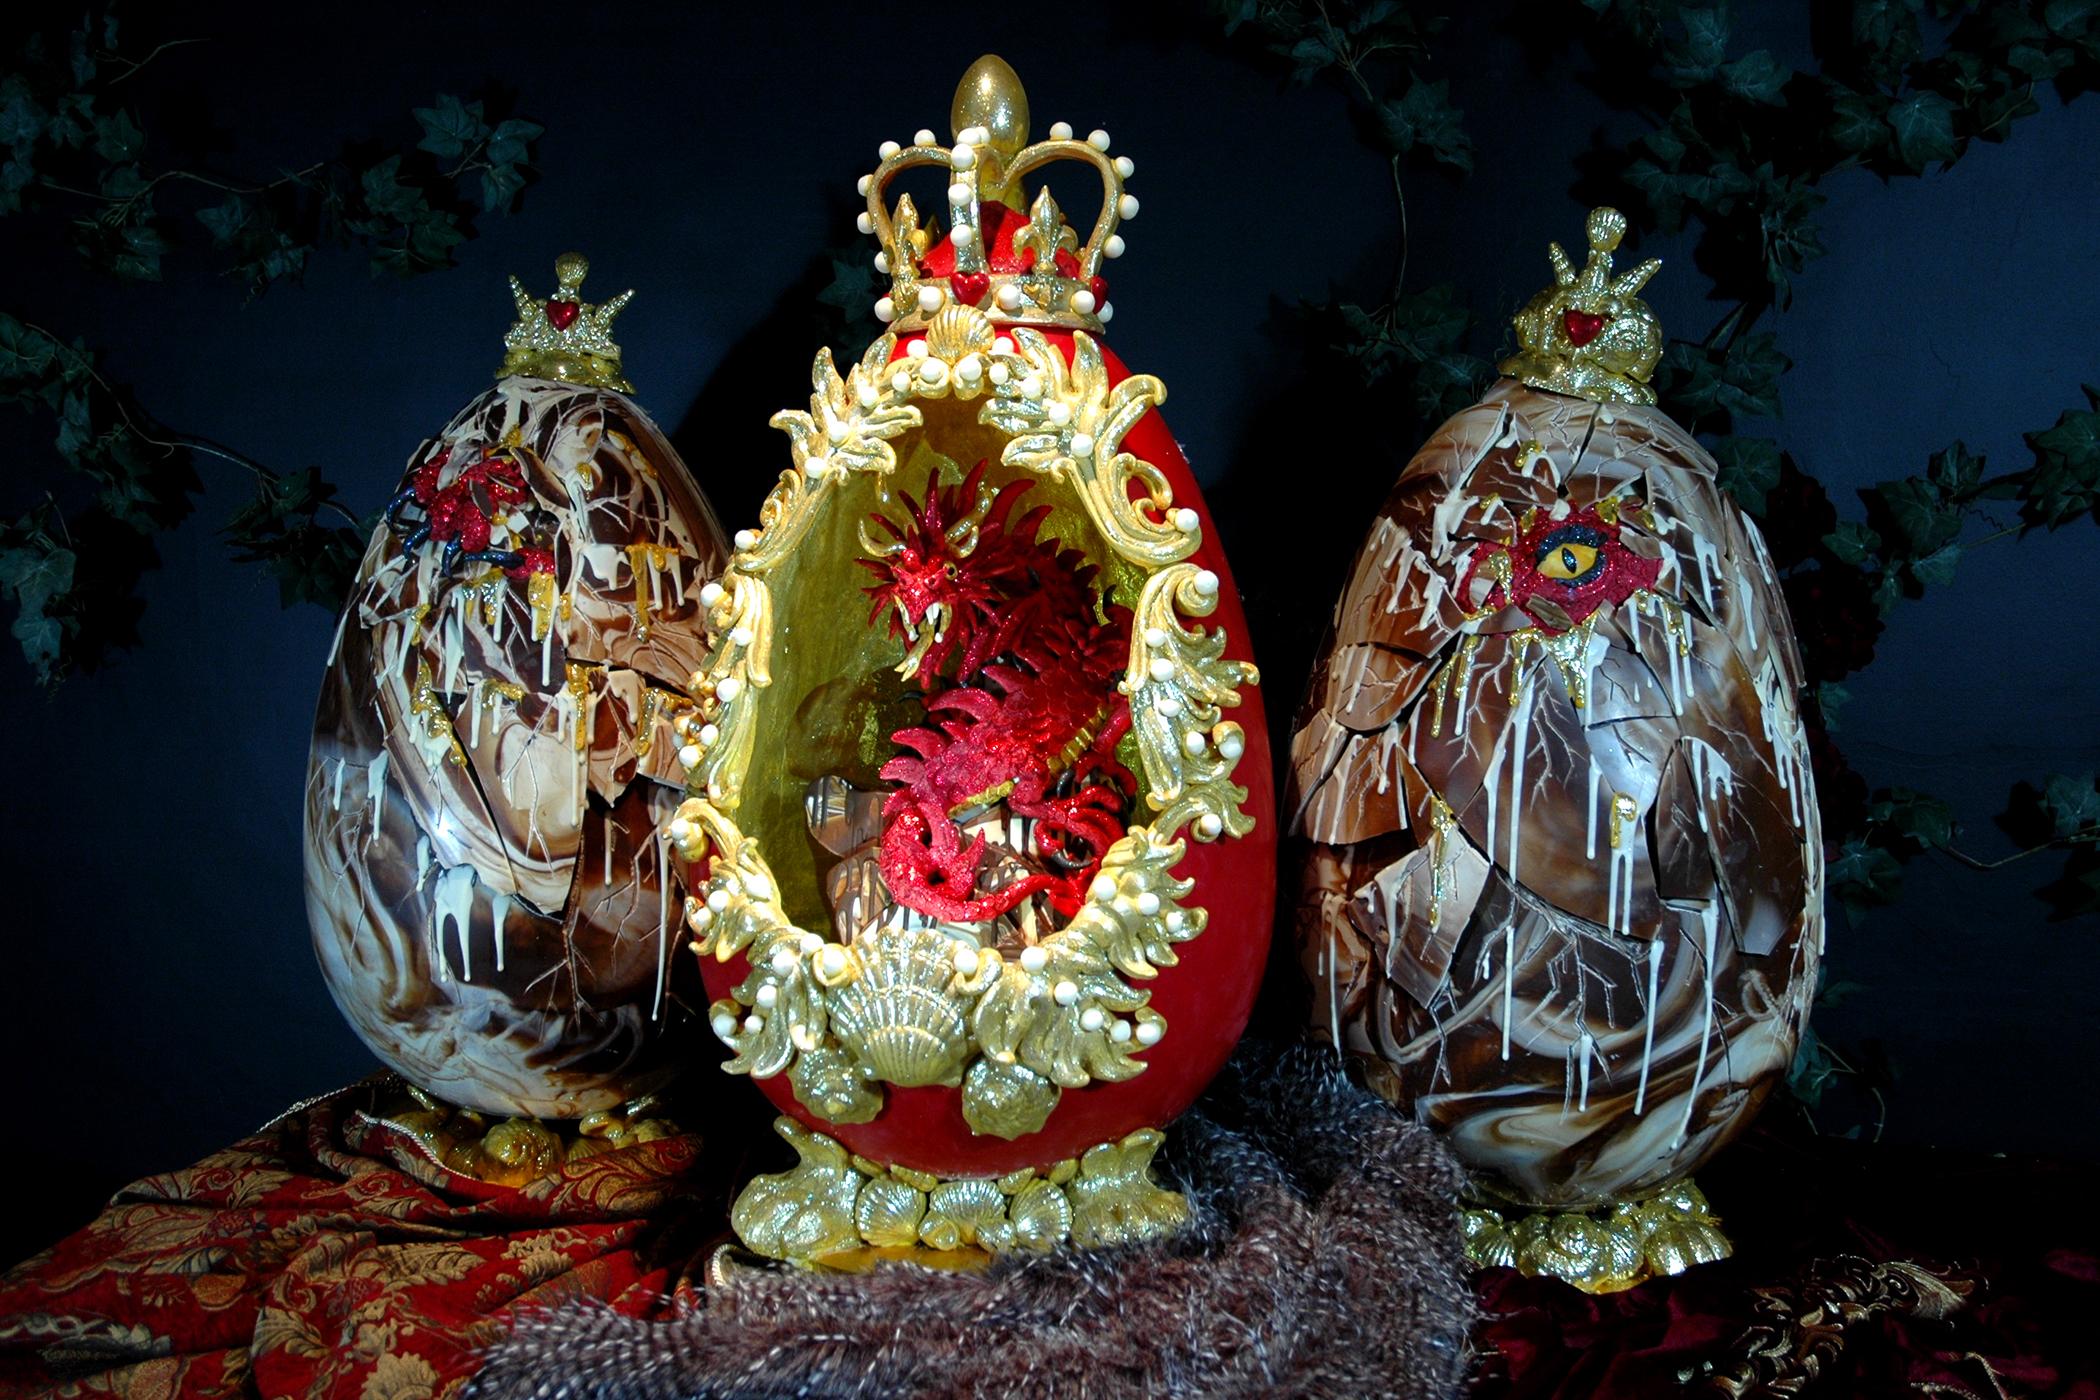 Choccywoccydoodah Fabergé-style egg